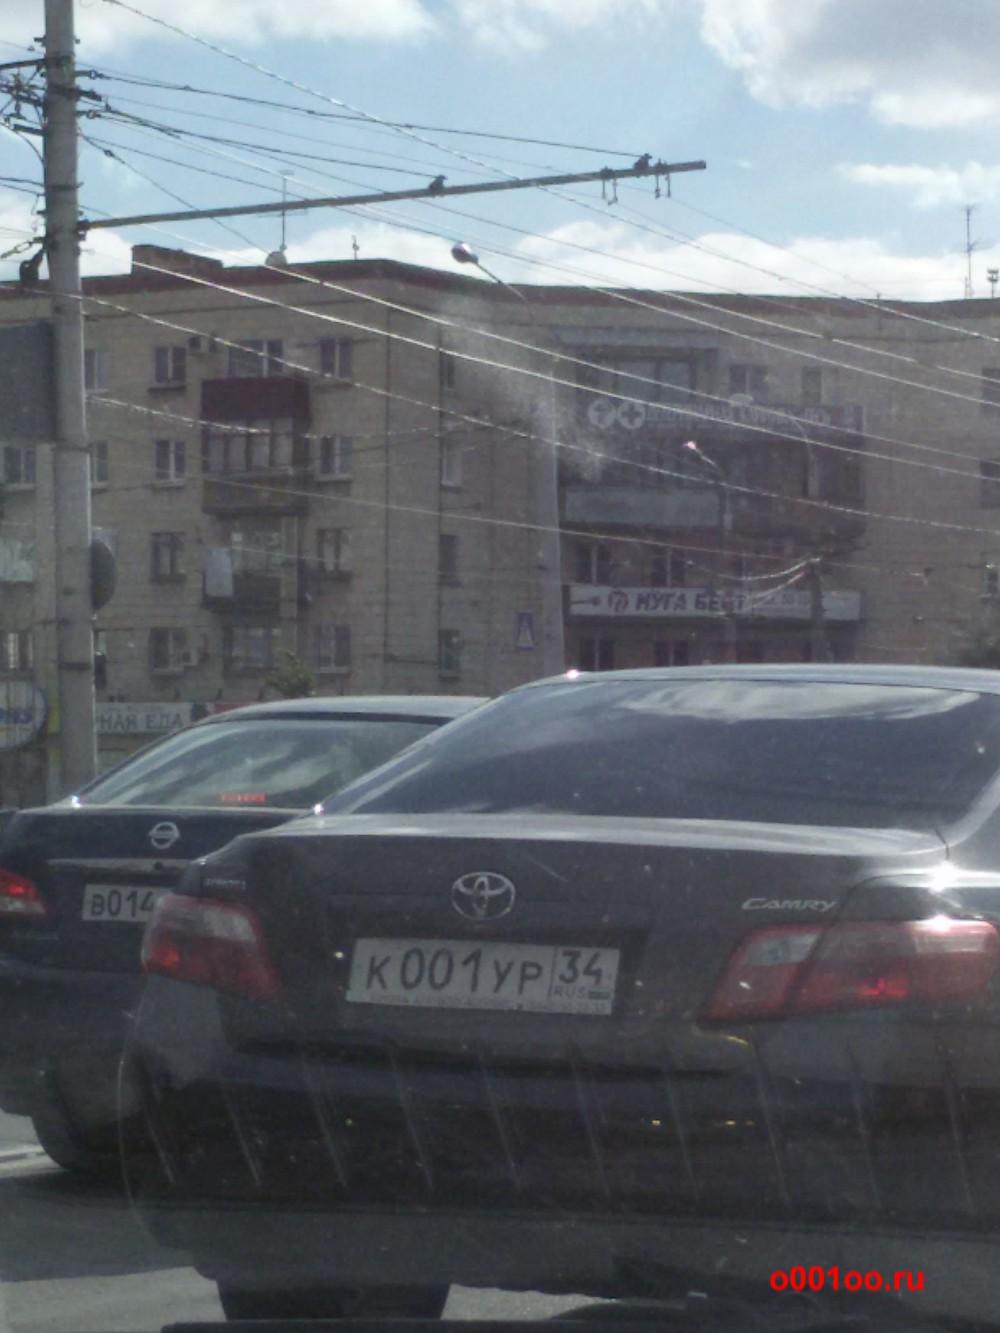 к001ур34